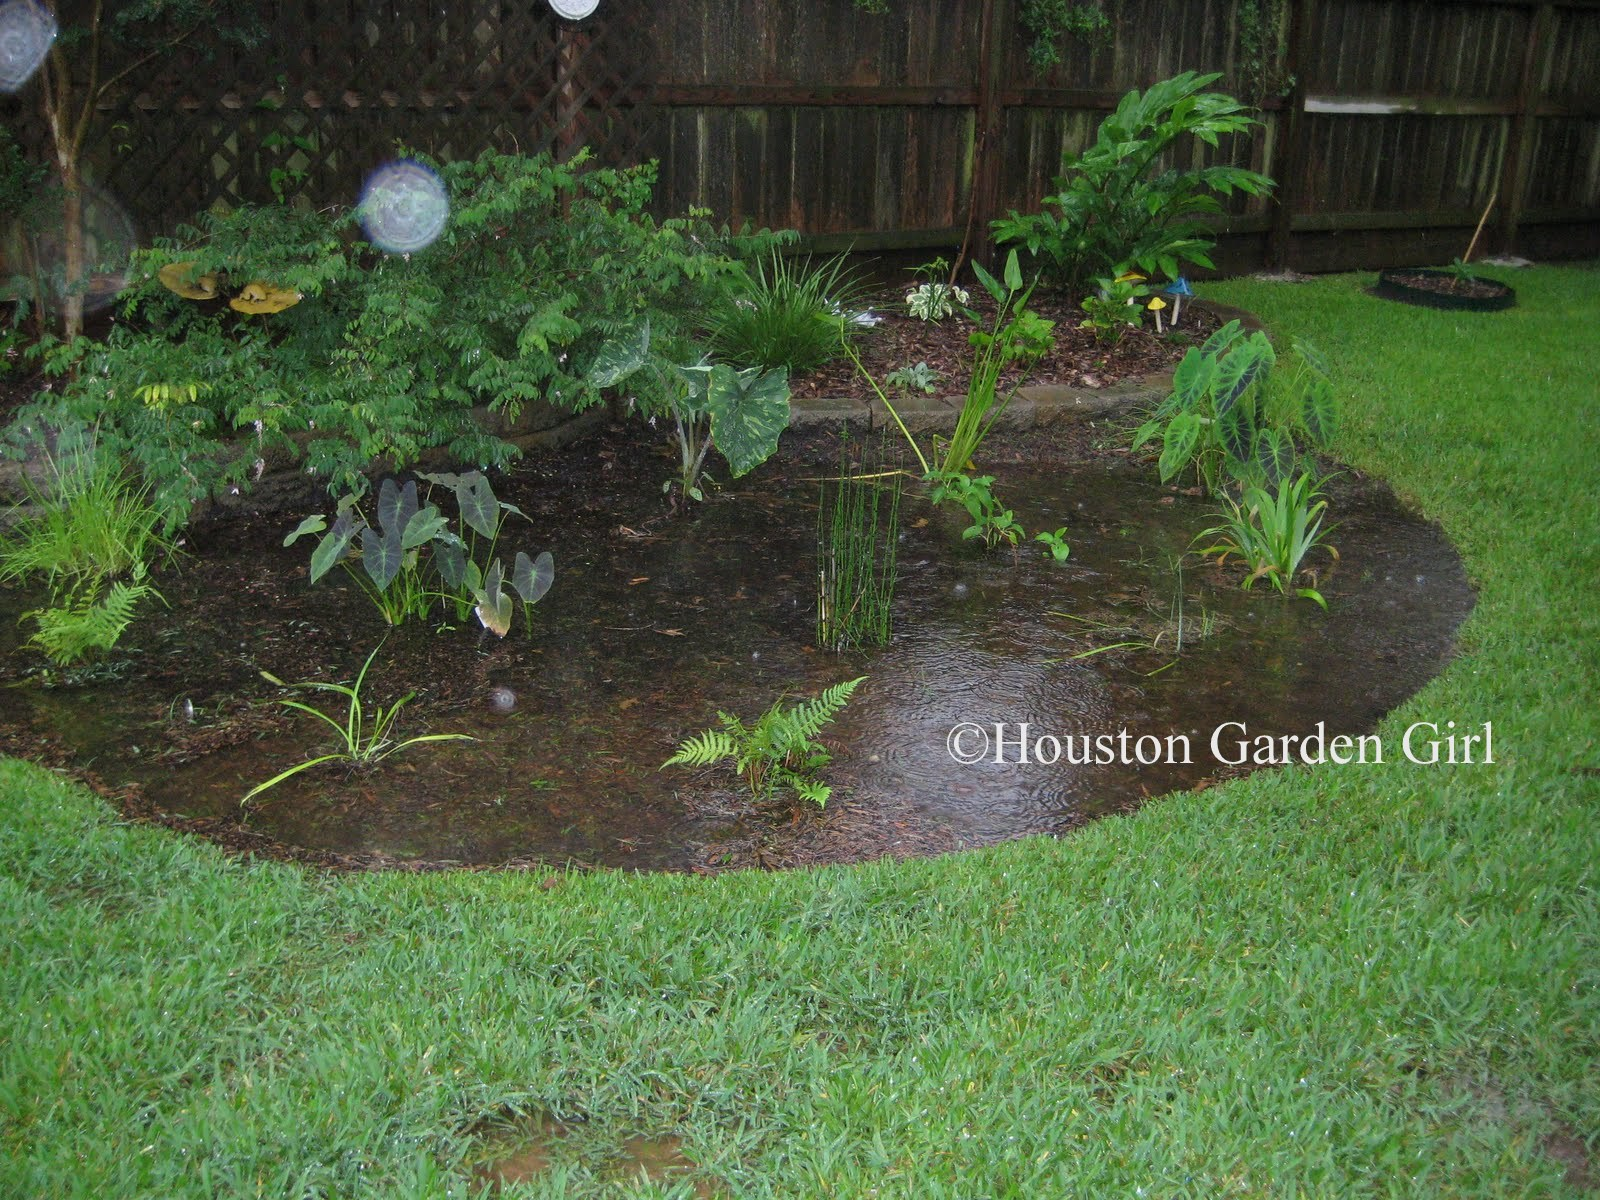 thursday july 1 2010 - Houston Garden